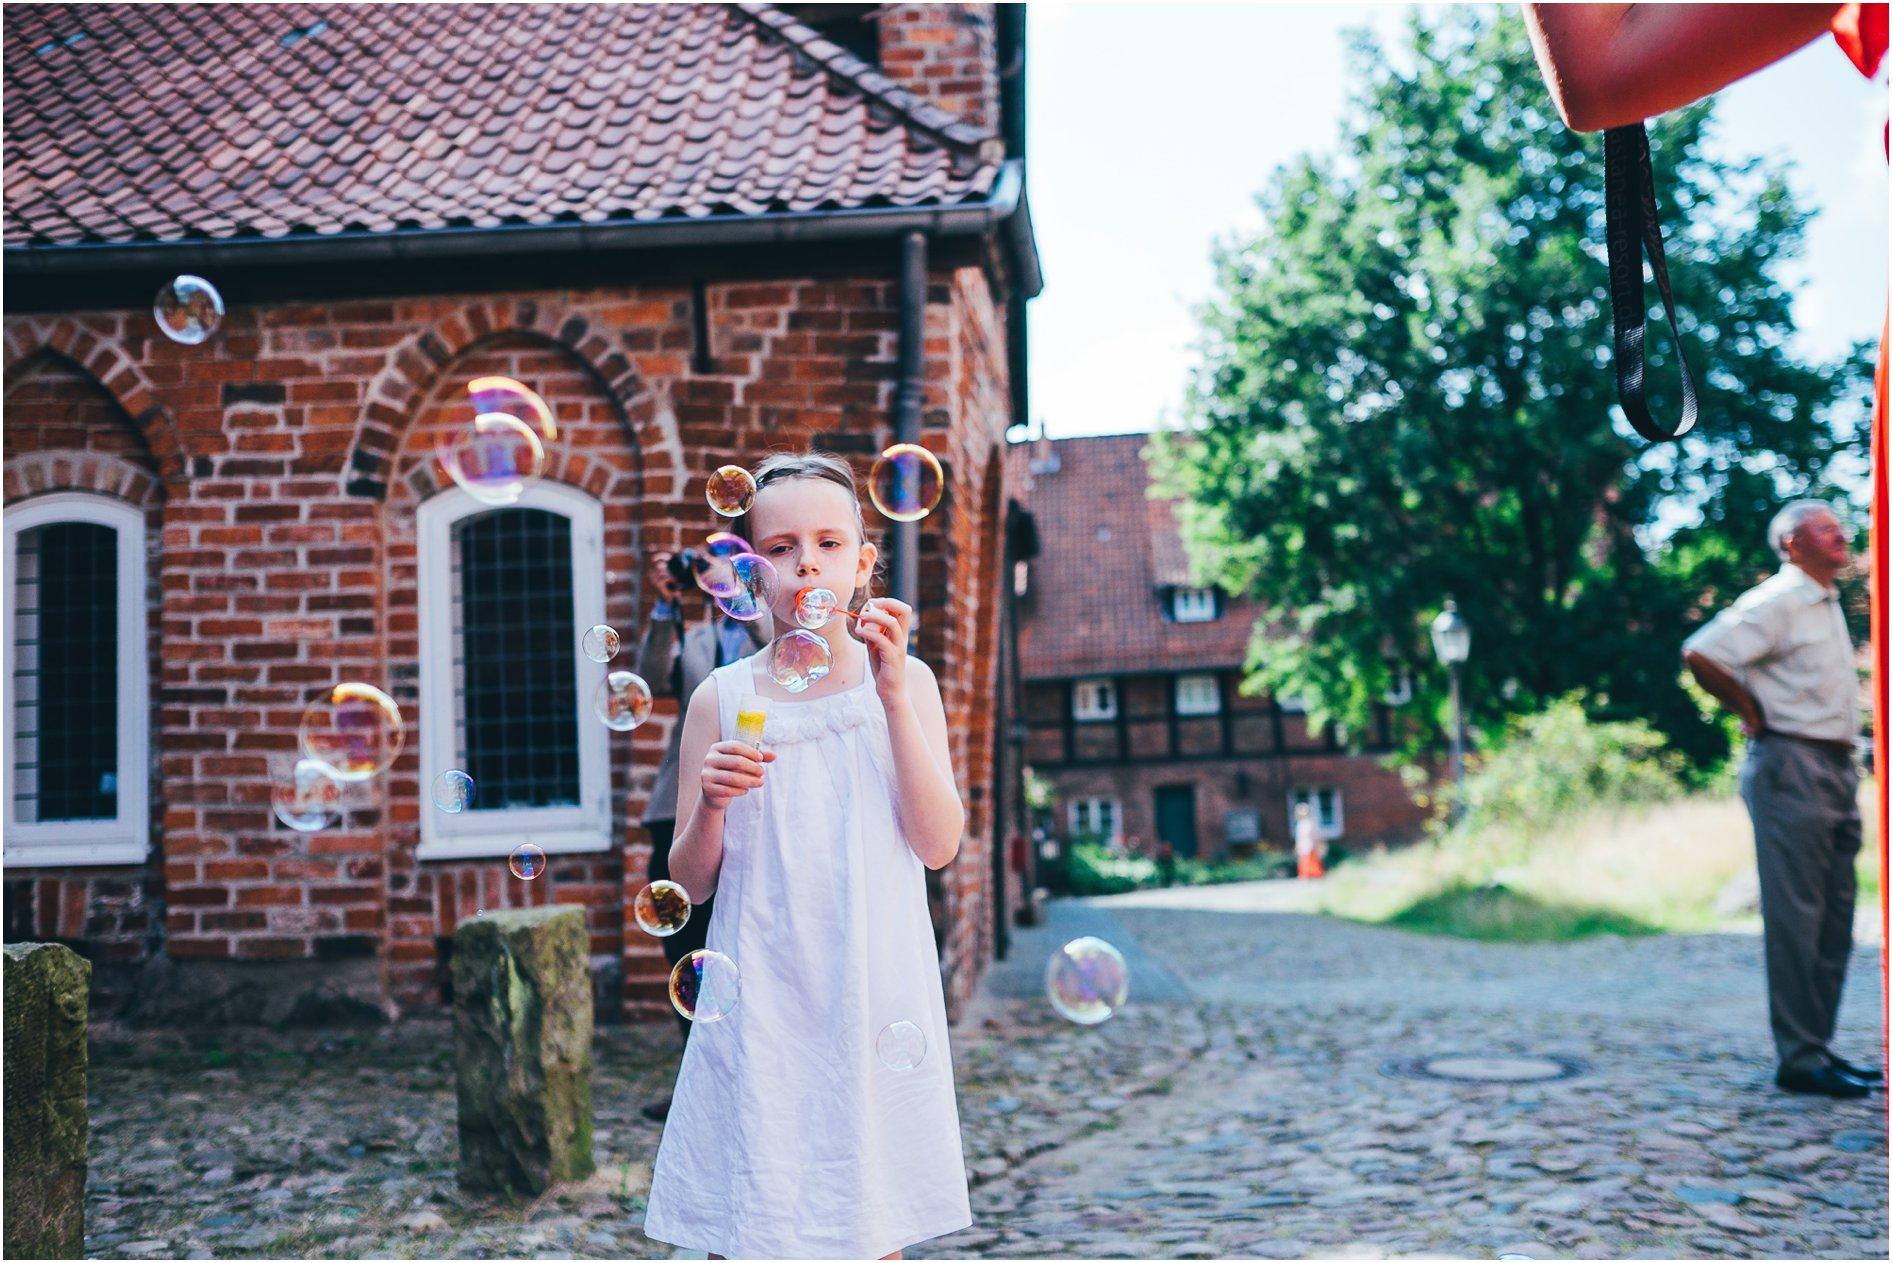 2014-10-13_0086 Jenny & Matthias - Hochzeitsfotograf auf Gut Bardenhagen